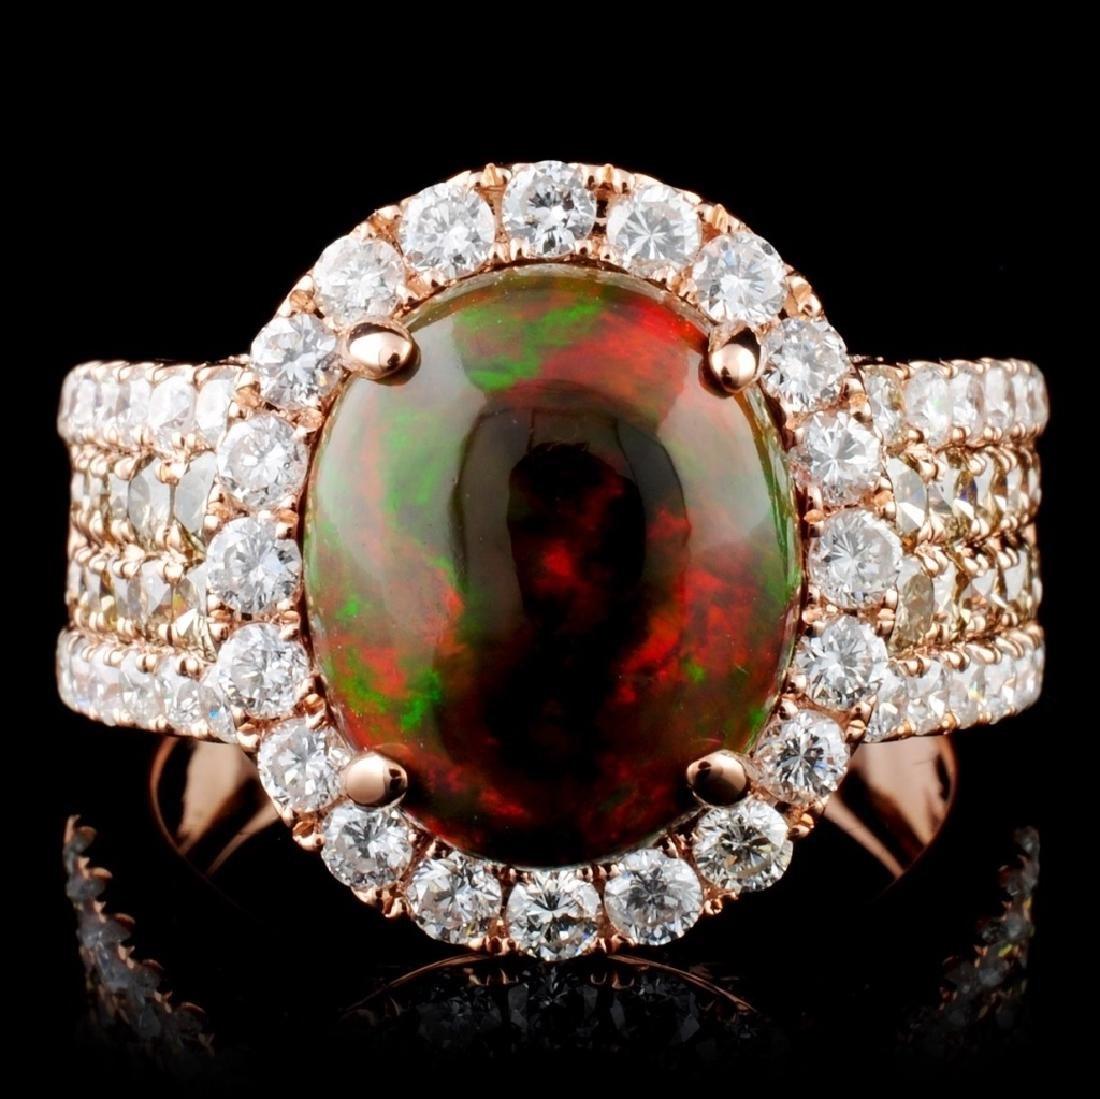 14K Gold 2.31ct Opal & 1.77ct Fancy Diamond Ring